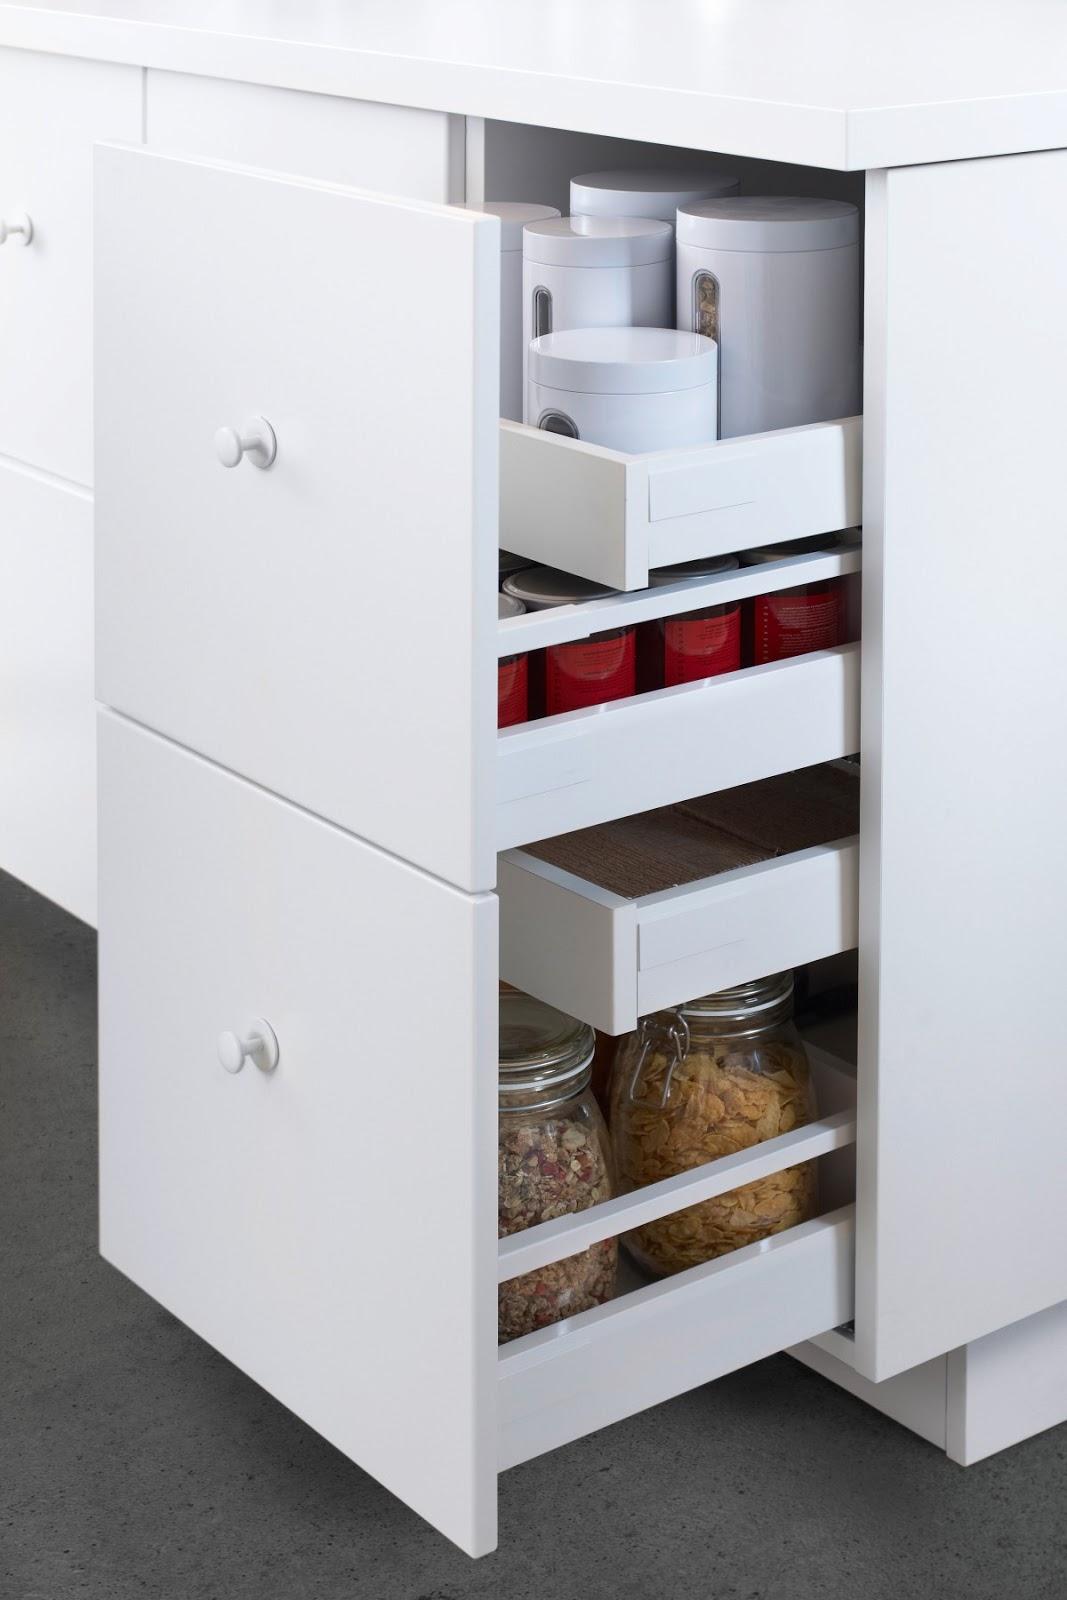 Ikeas metod